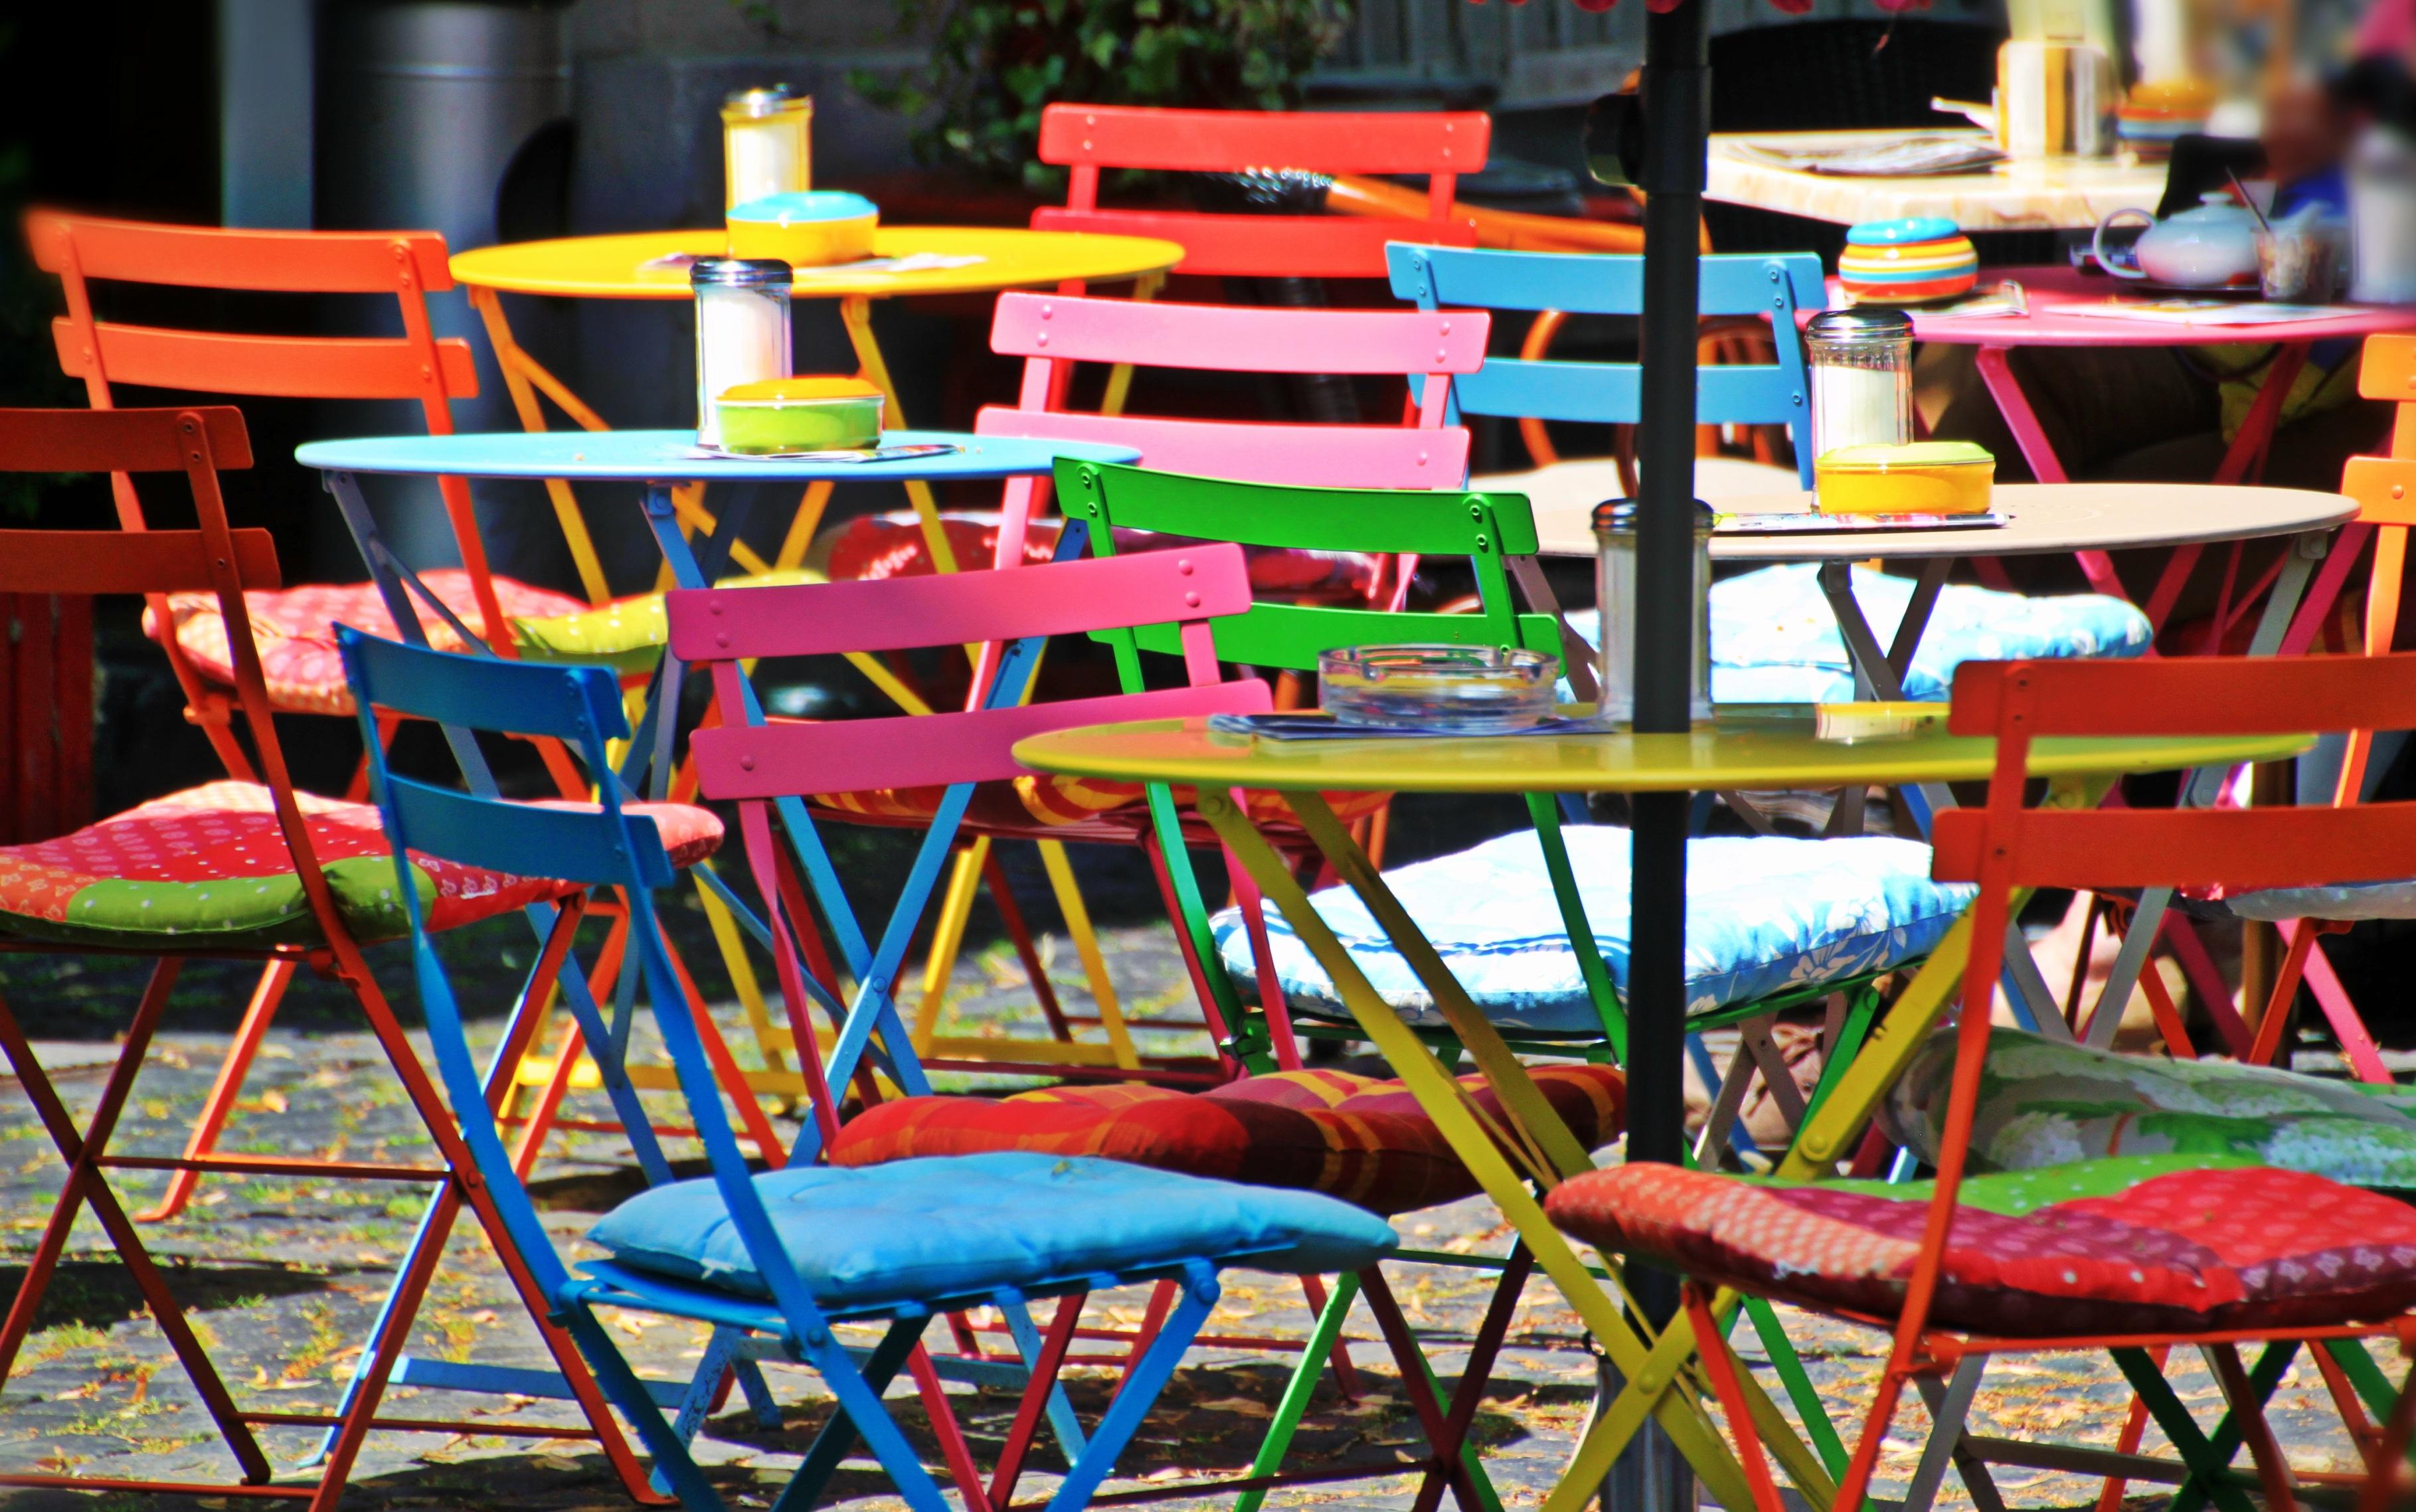 Fotos gratis : cafetería, jugar, silla, ciudad, color, mueble ...